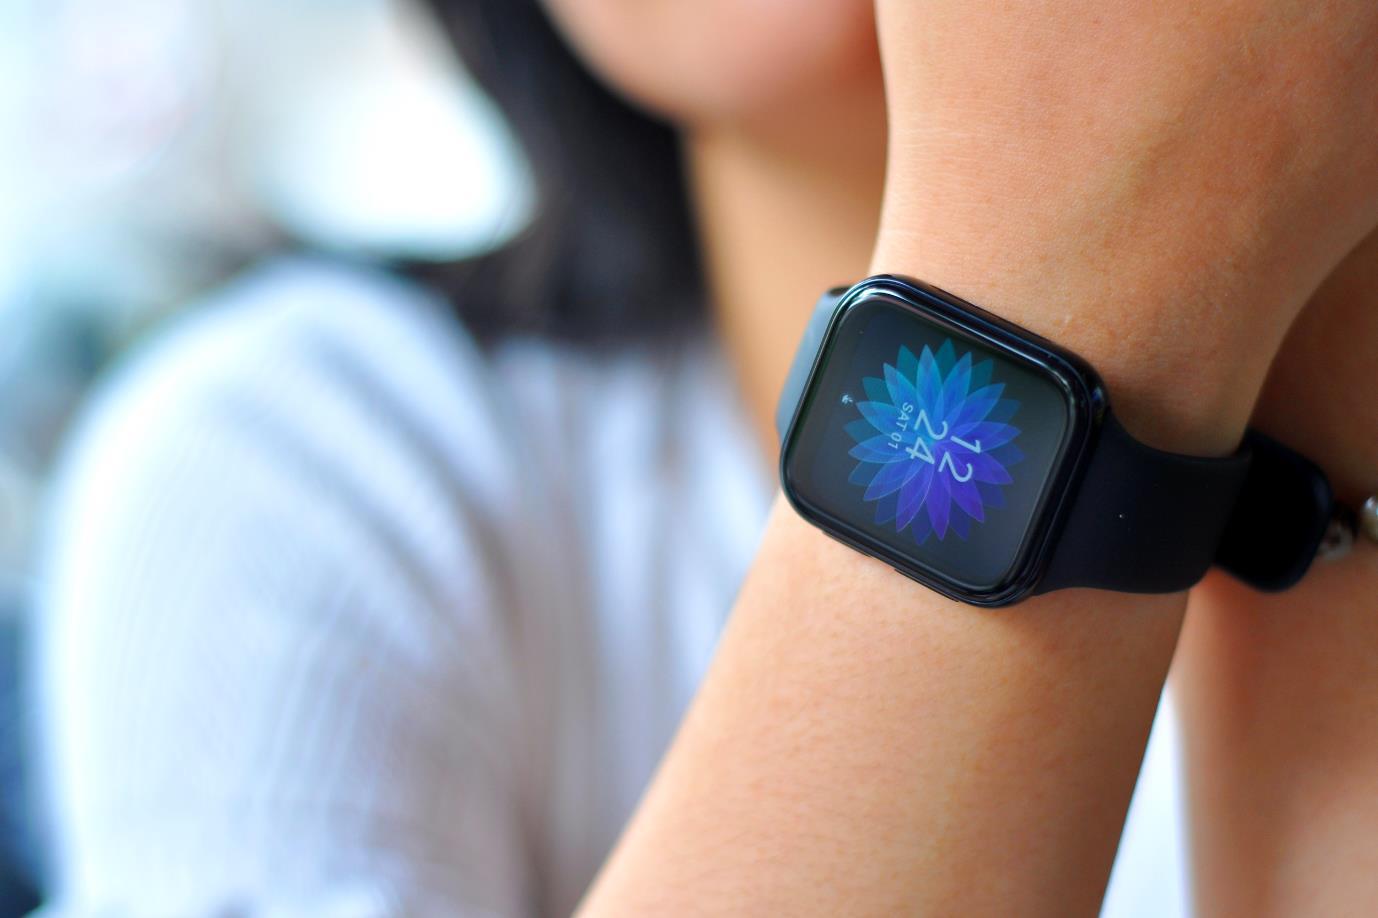 Thiết kế tinh tế, tính năng ấn tượng: OPPO Watch mang đến nhiều lợi ích hơn bạn nghĩ! - Ảnh 1.